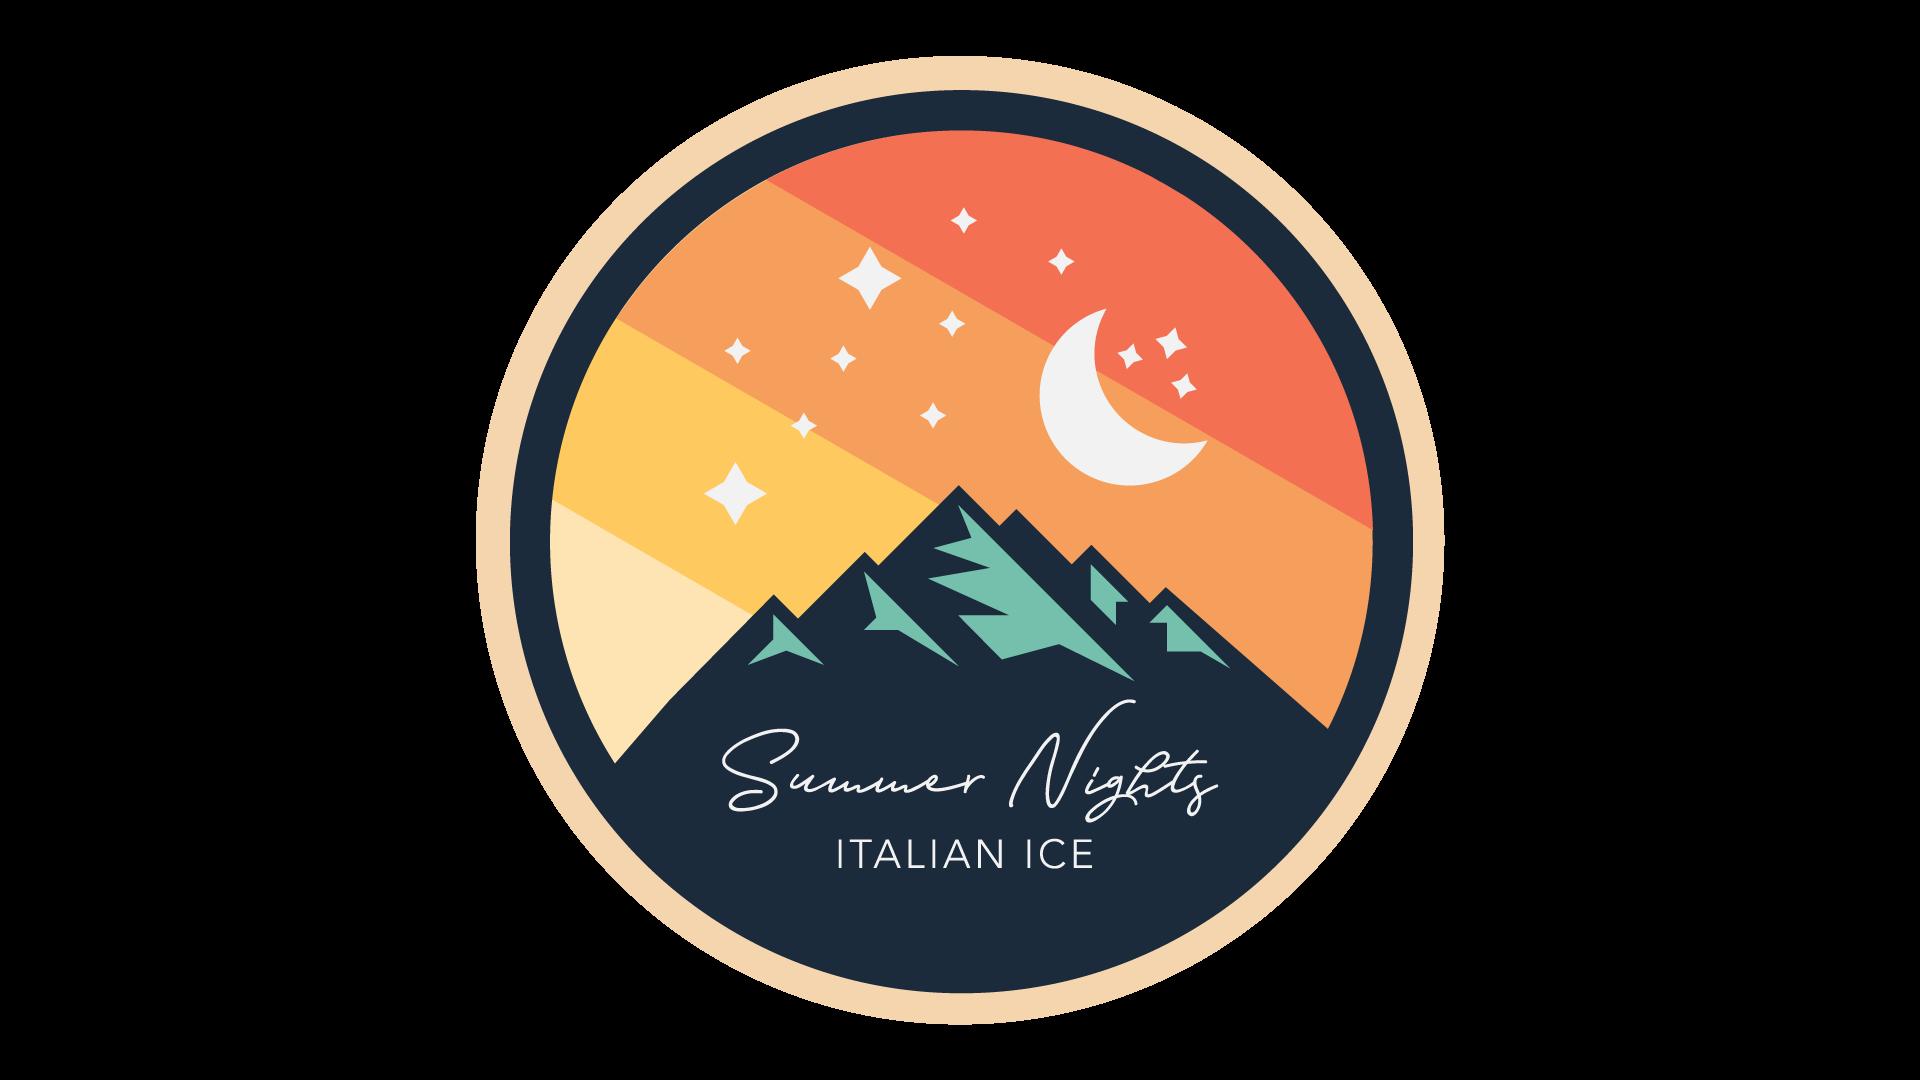 Summer Nights Italian Ice